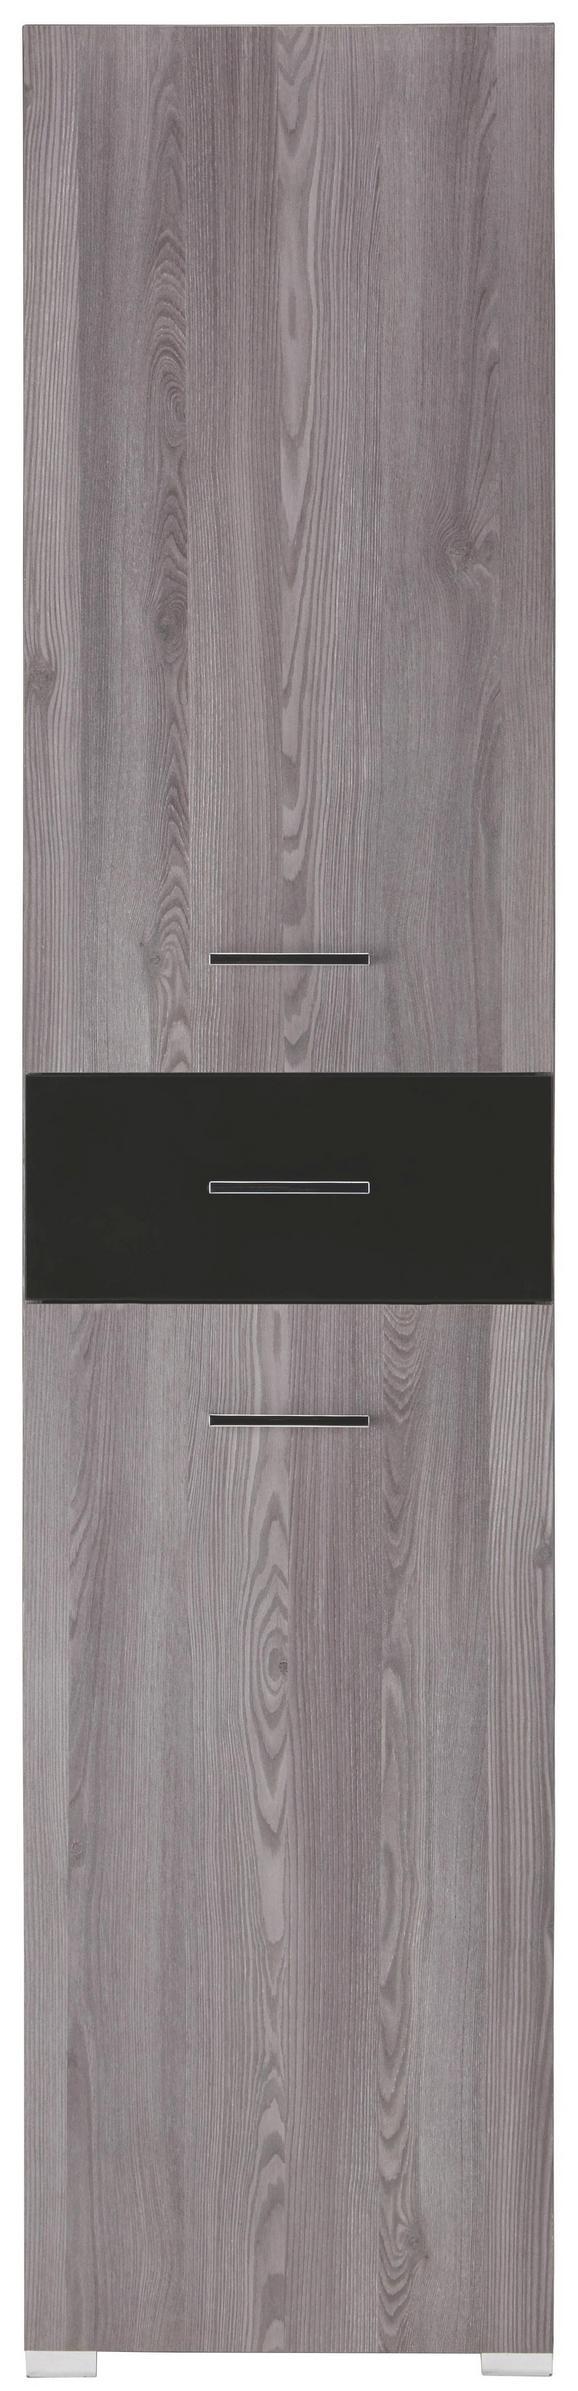 Regal in Grau - Schwarz/Grau, MODERN, Glas/Holz (45/199/35cm) - PREMIUM LIVING